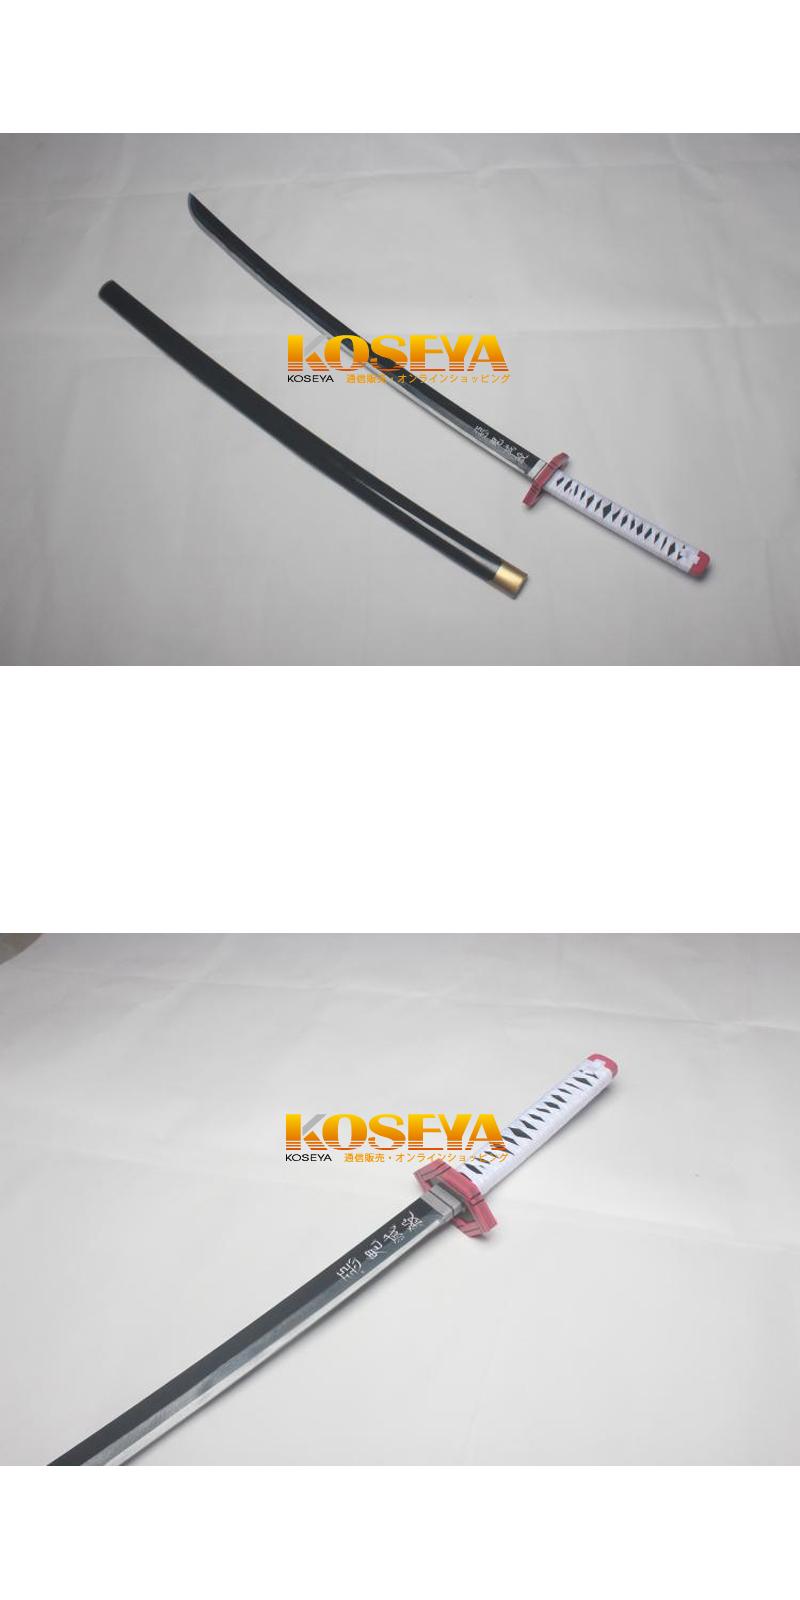 鬼滅の刃 道具】冨岡義勇 (とみおかぎゆう) 刀+鞘 コスプレ道具